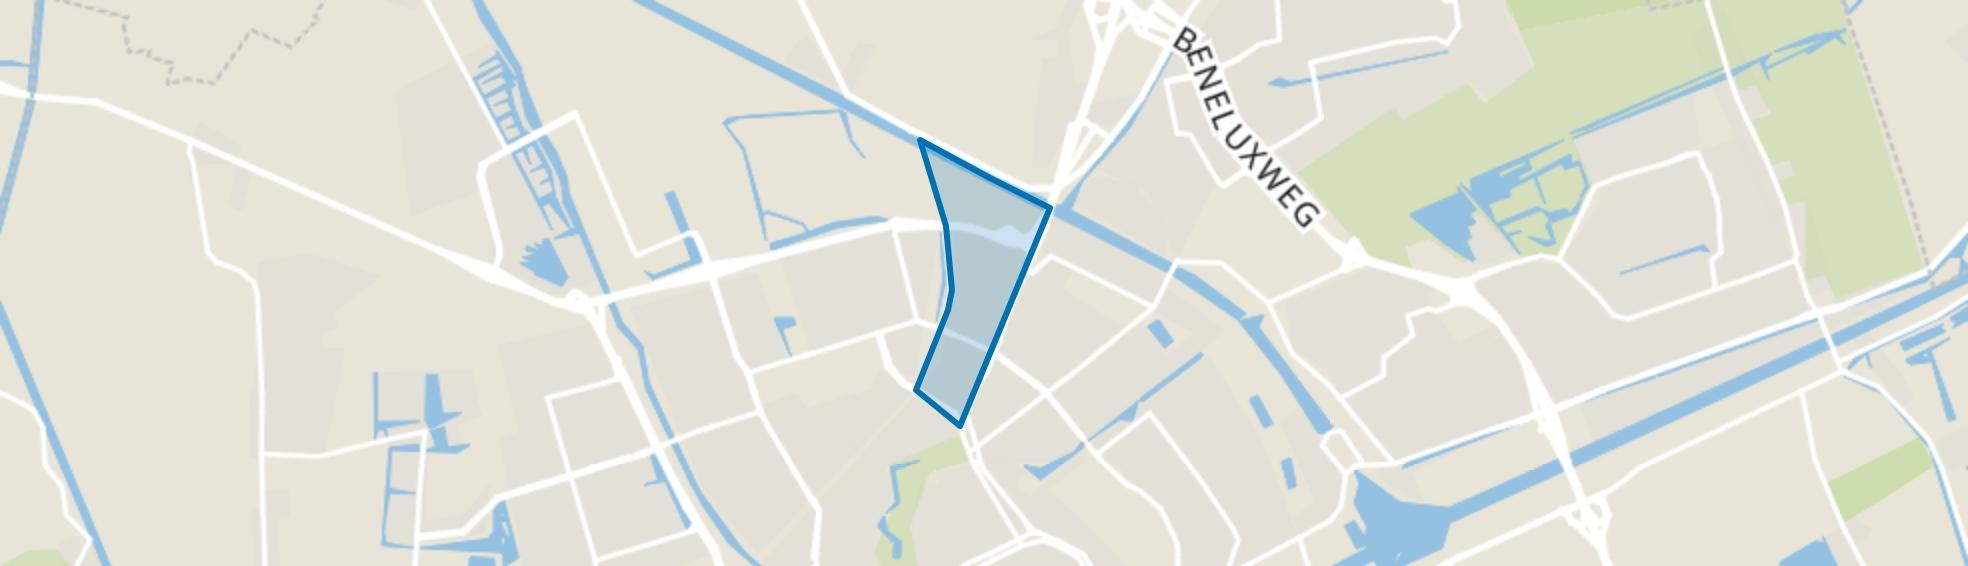 De Hoogte, Groningen map